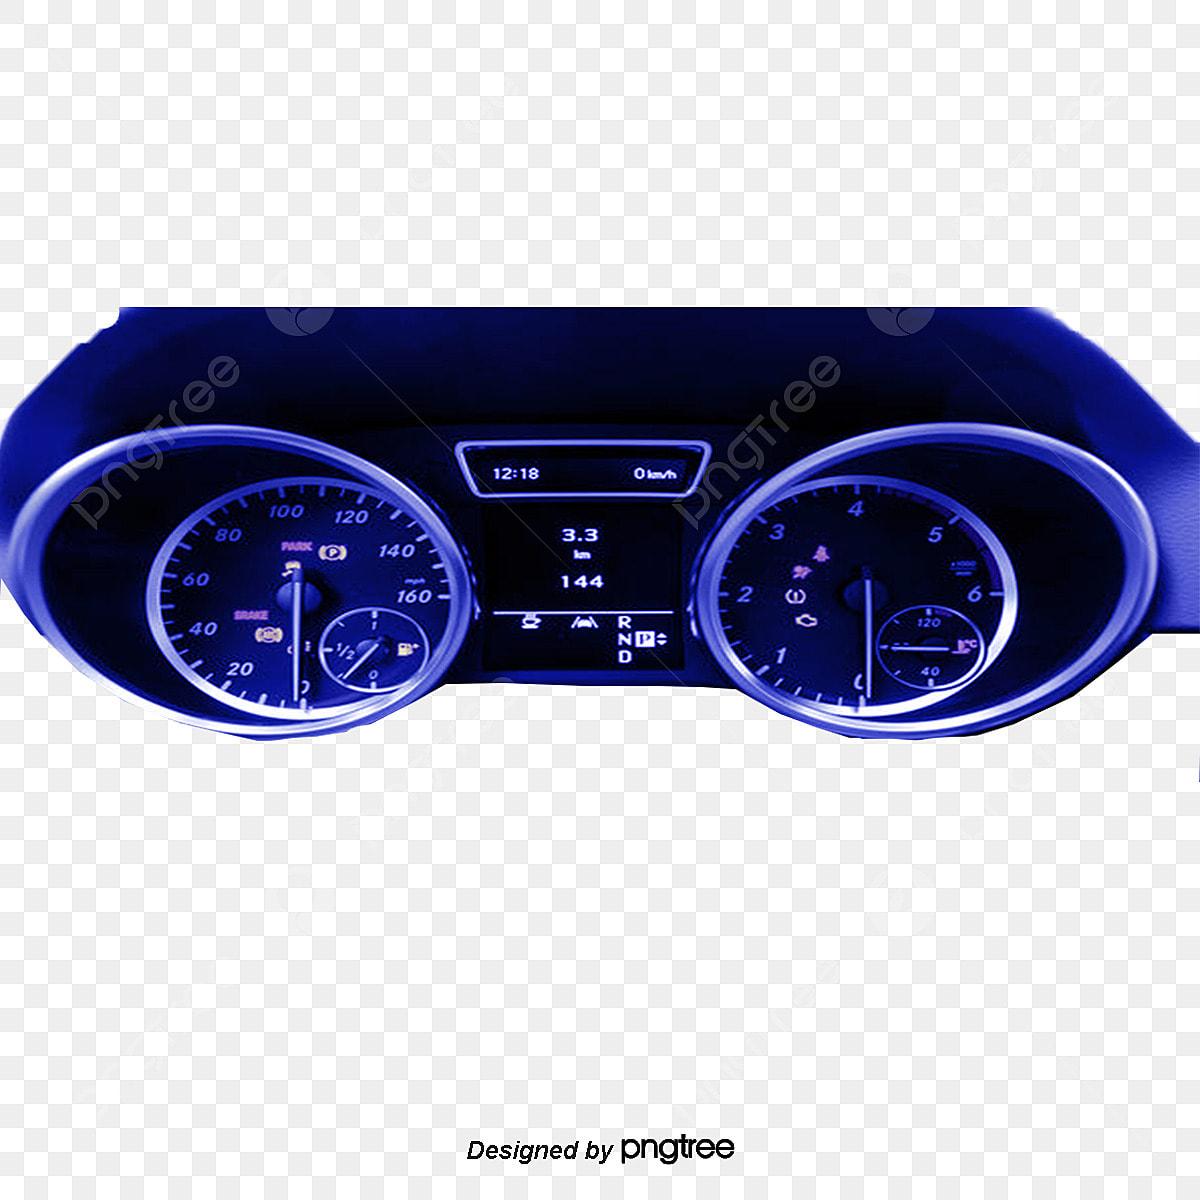 Porsche Cayenne Car Dashboard, Car Clipart, Car Dashboard, Porsche